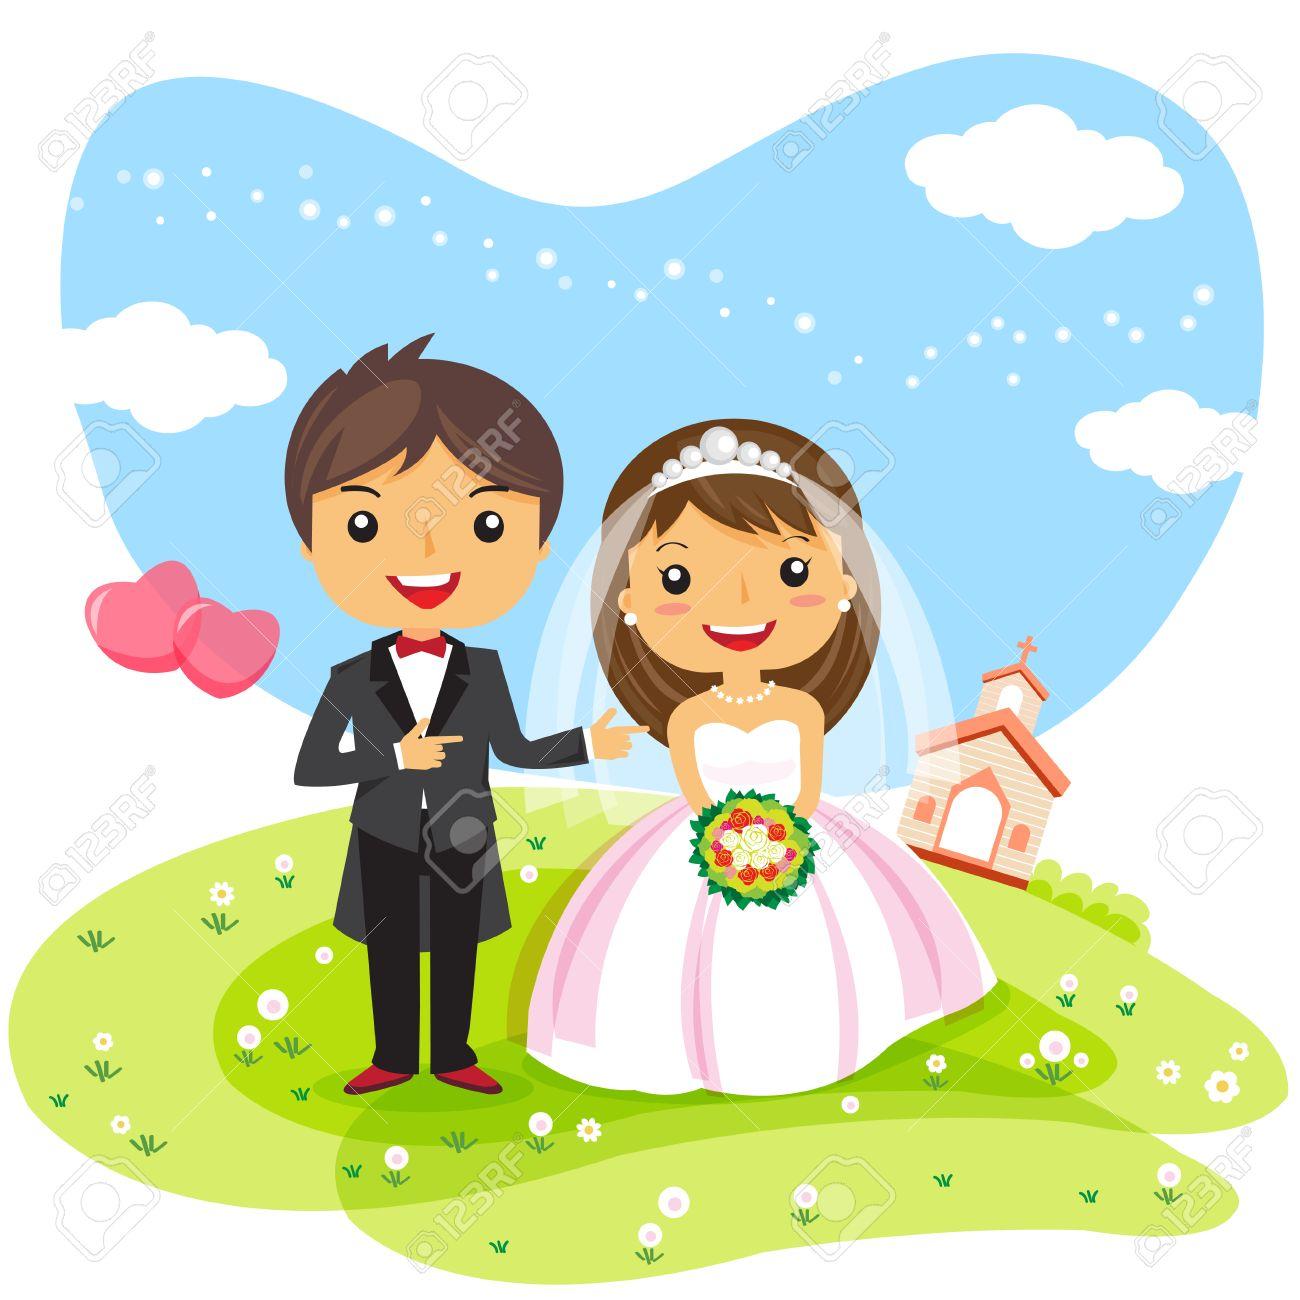 結婚式招待状、カップル、かわいいキャラクター デザイン - ベクター